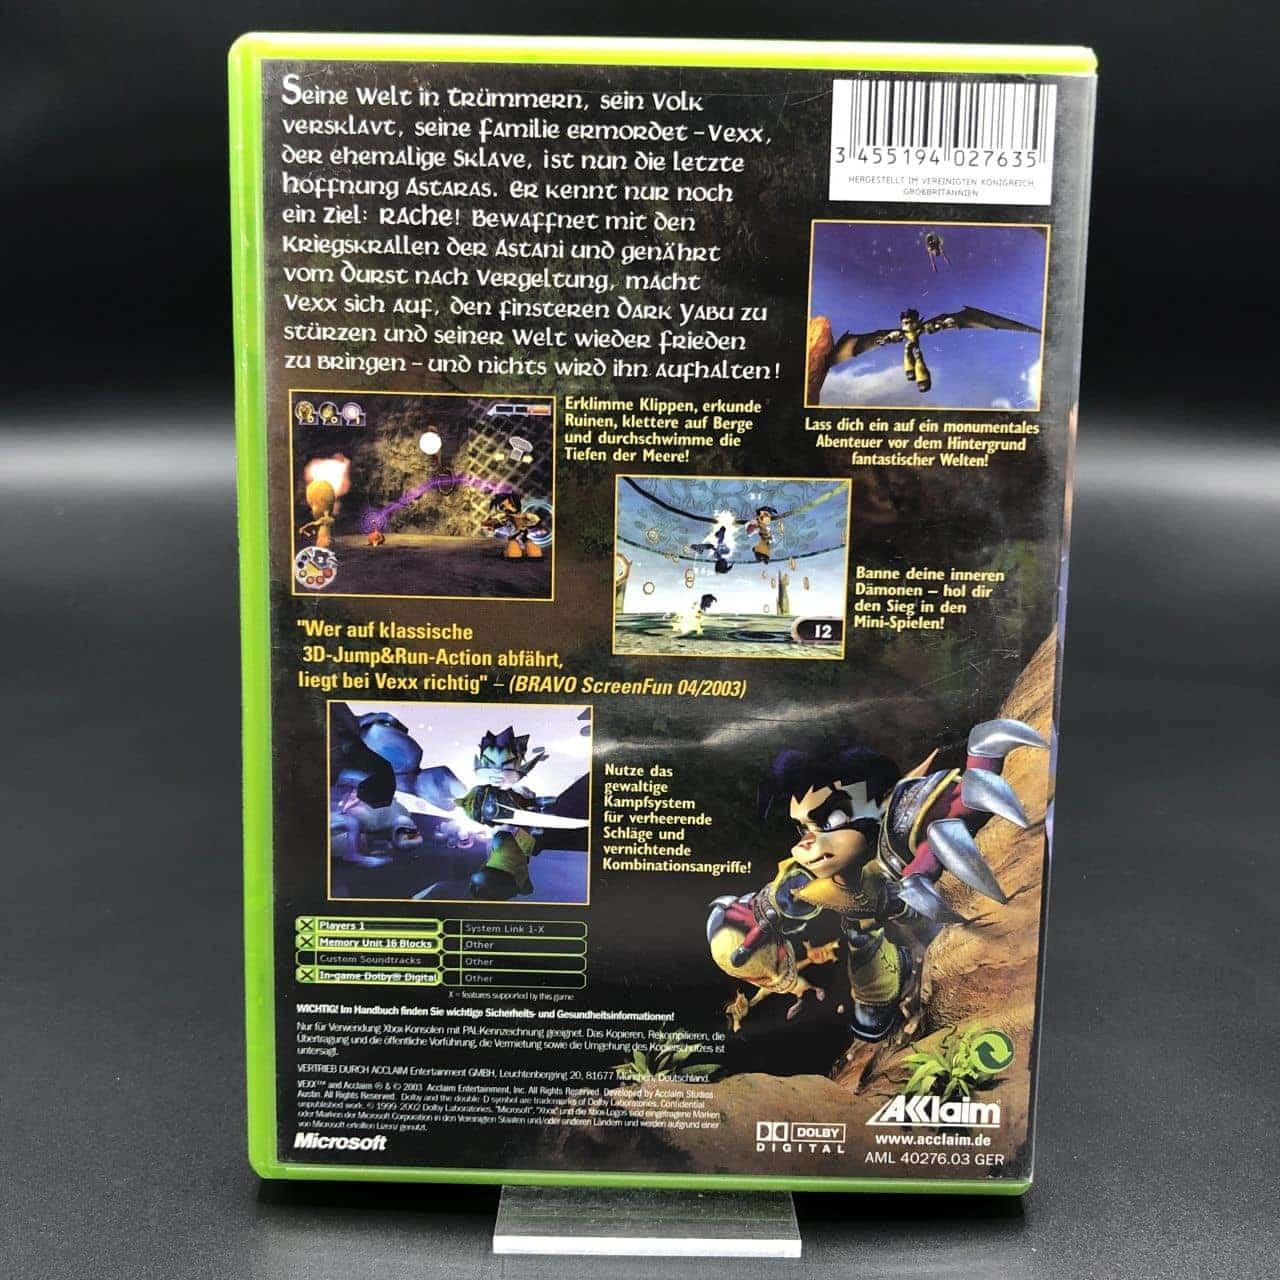 XBC Vexx (Komplett) (Gut) Microsoft Xbox Classic